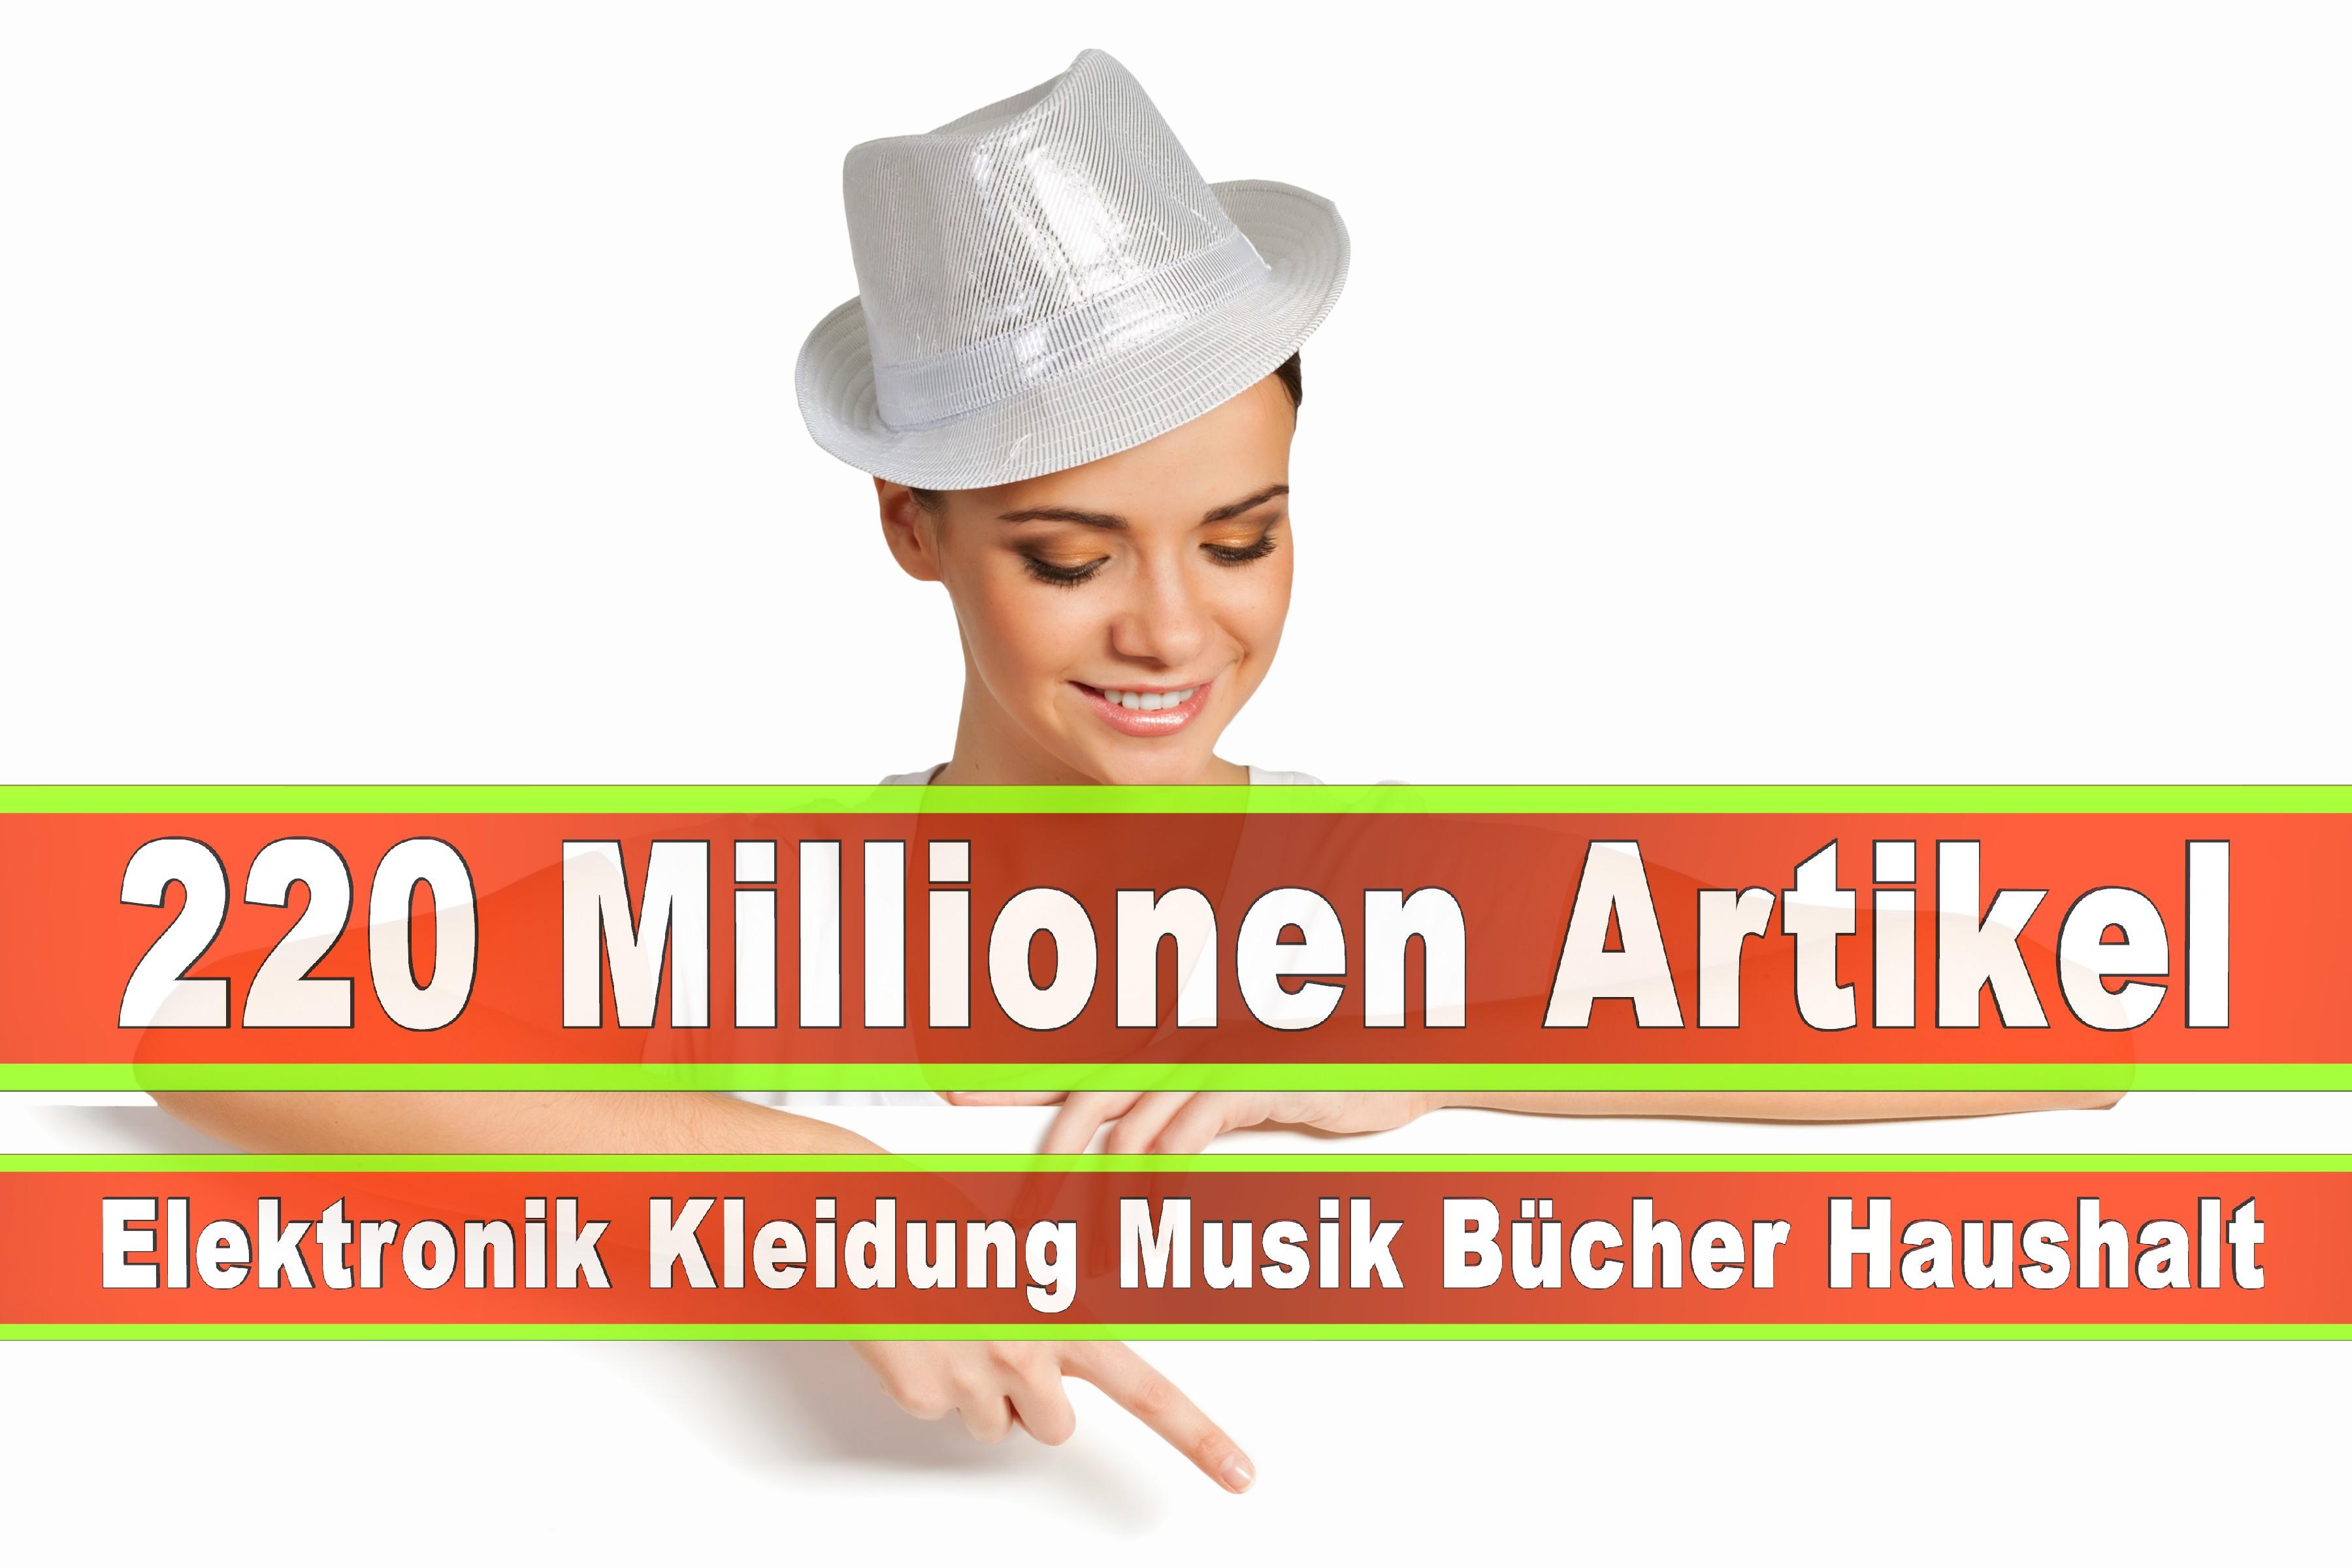 Amazon Elektronik Musik Haushalt Bücher CD DVD Handys Smartphones TV Television Fernseher Kleidung Mode Ebay Versandhaus (166)